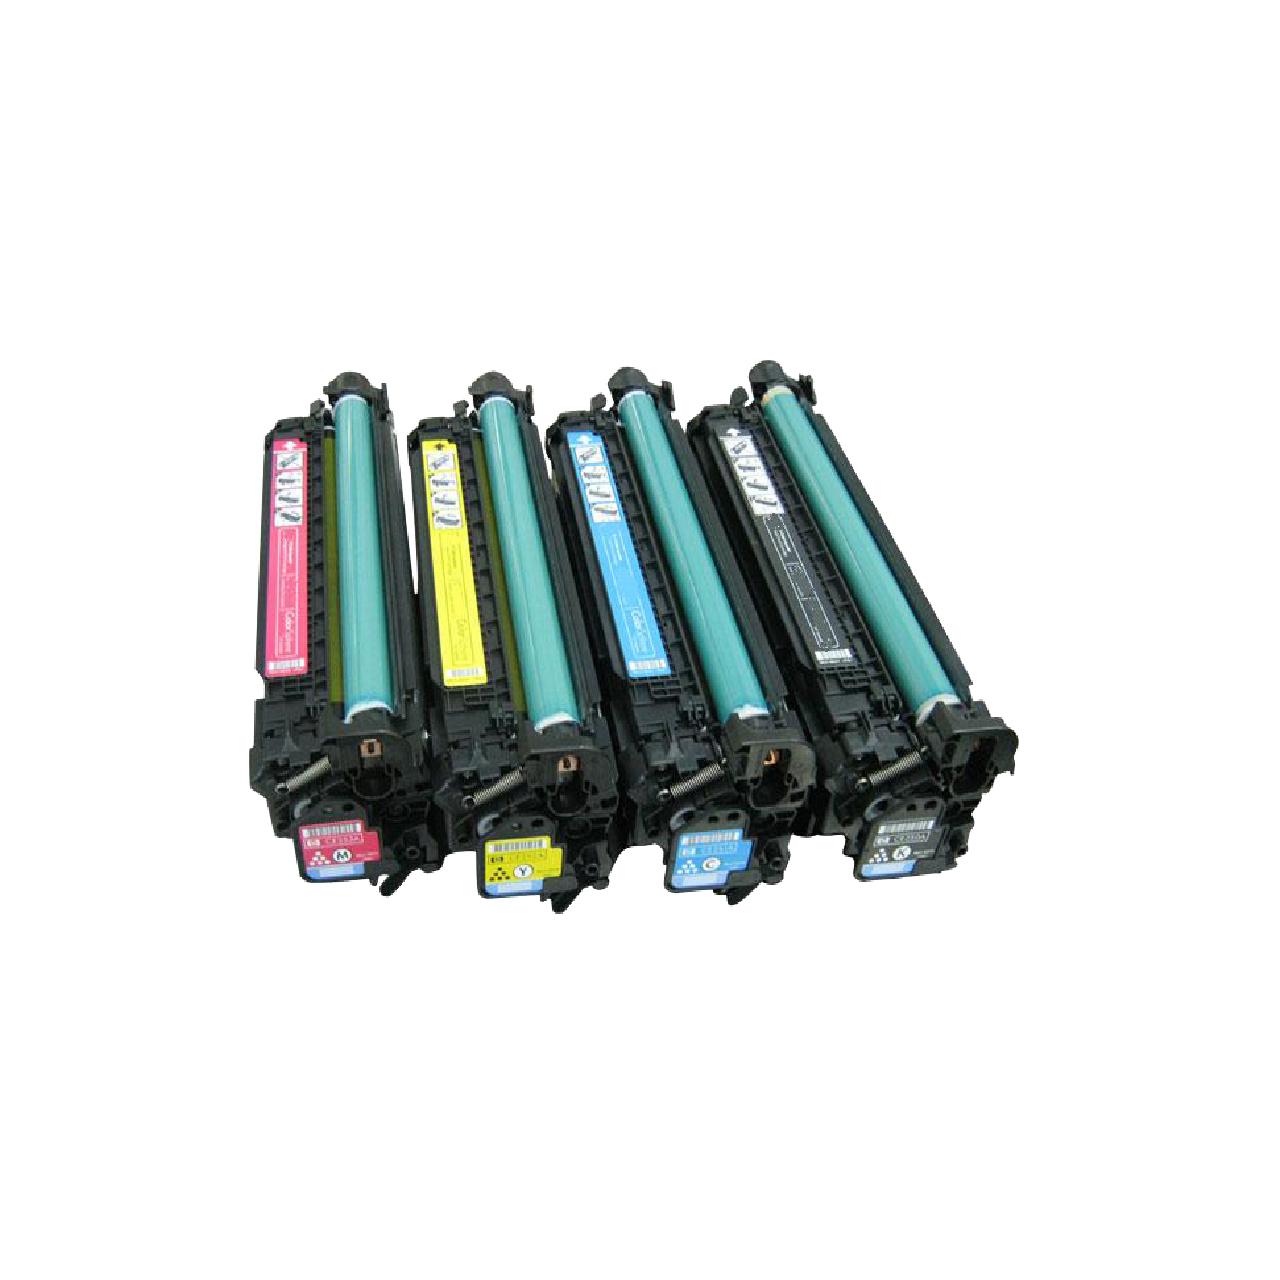 قیمت                      تونر رنگی نیکا مدل 651A برای پرینتر 700(A3)